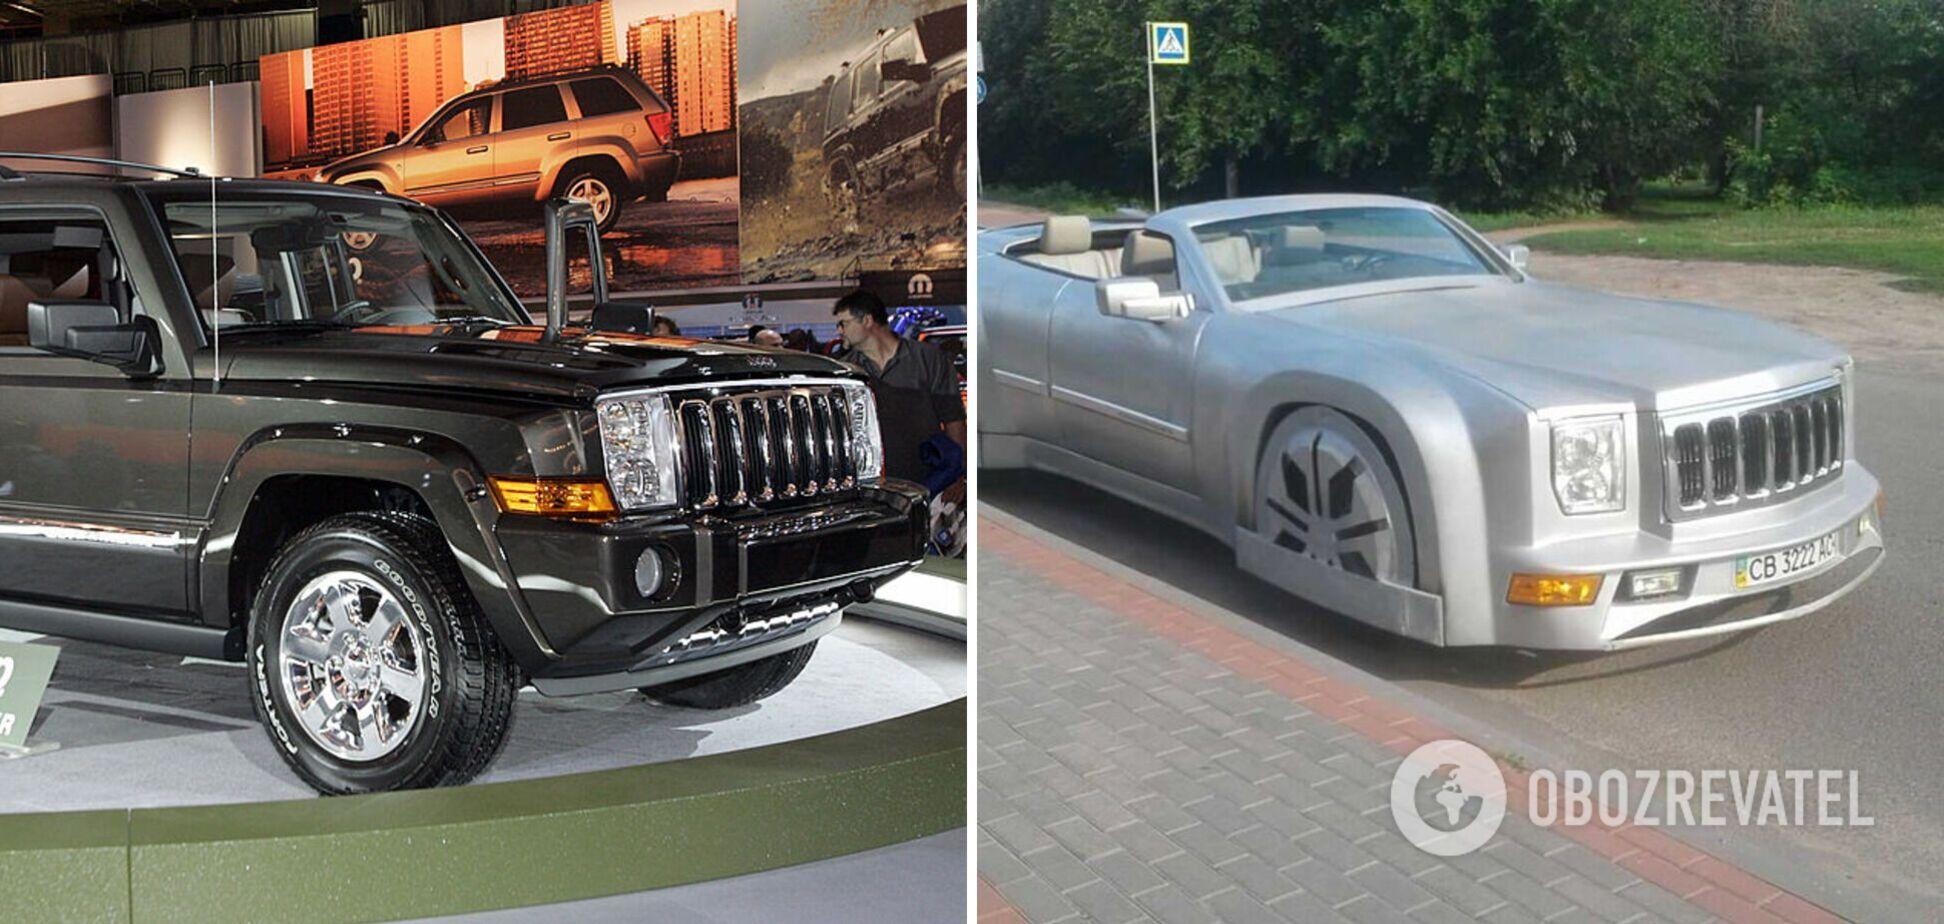 Украинец превратил Jeep Commander в кабриолет и выставил его на продажу. Фото